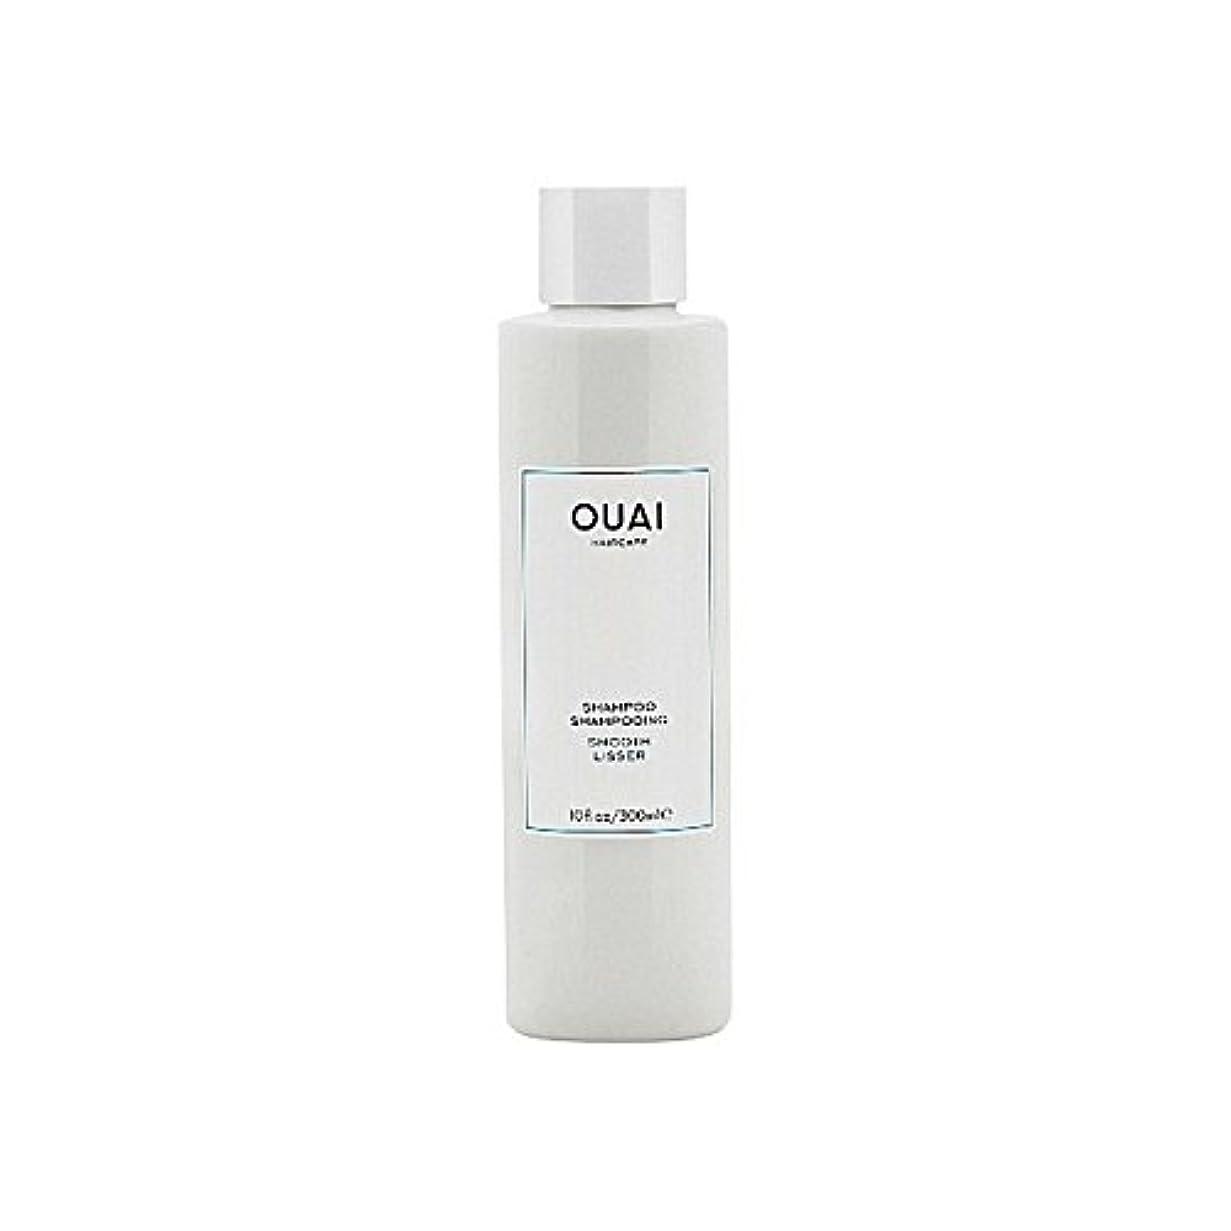 便利さ前に剃るOuai Smooth Shampoo 300ml - スムーズなシャンプー300ミリリットル [並行輸入品]